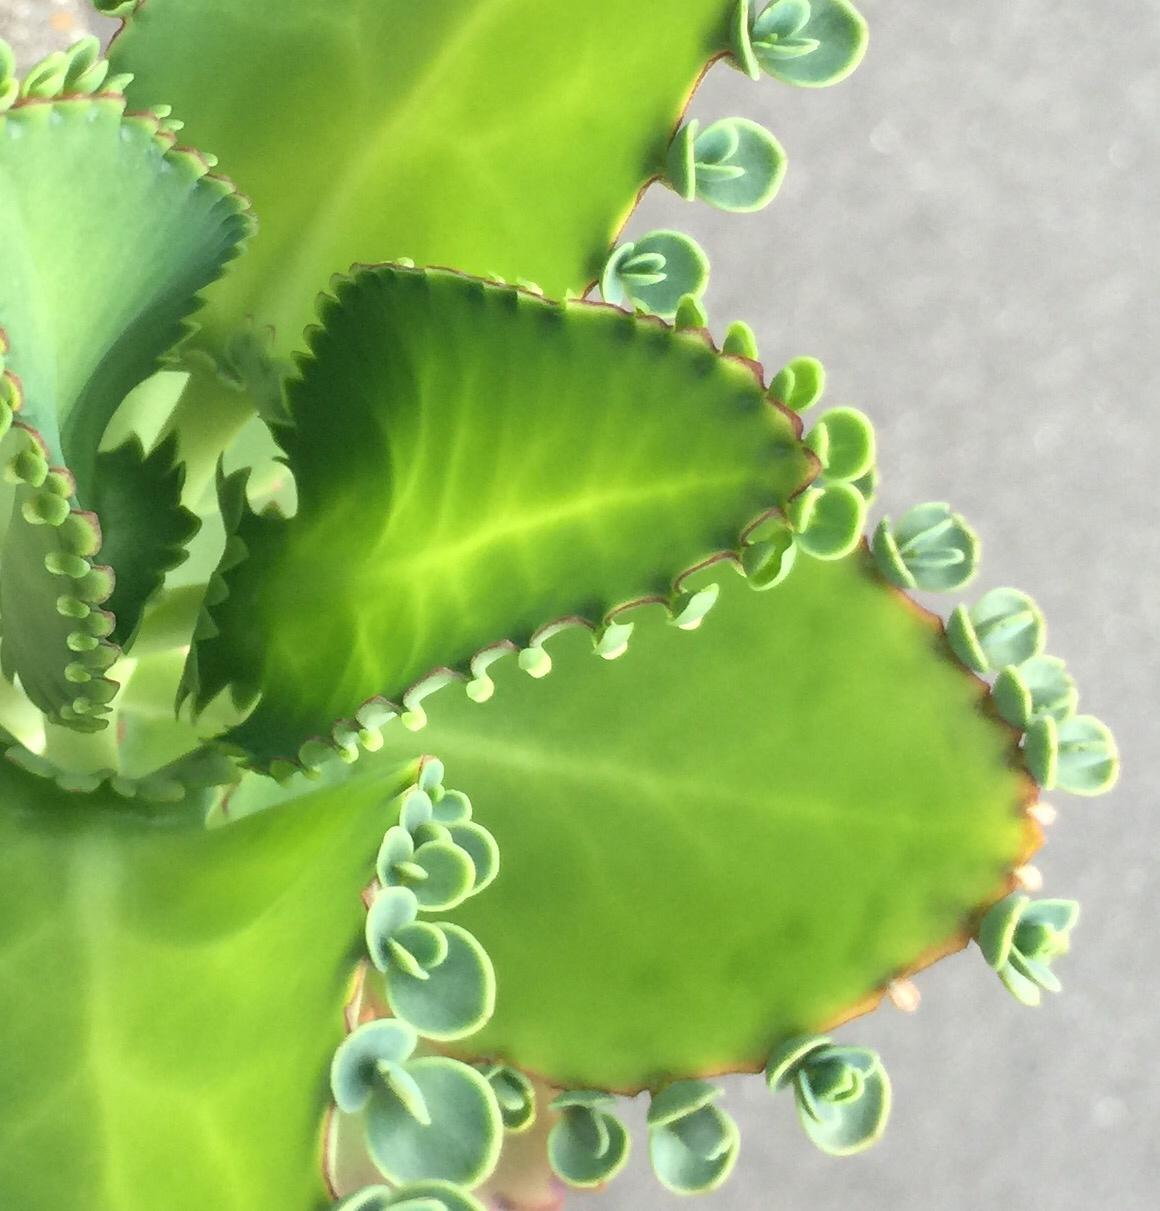 子宝草(子宝弁慶草)の育て方|季節によって日当たりや水やりの加減を変える?の画像